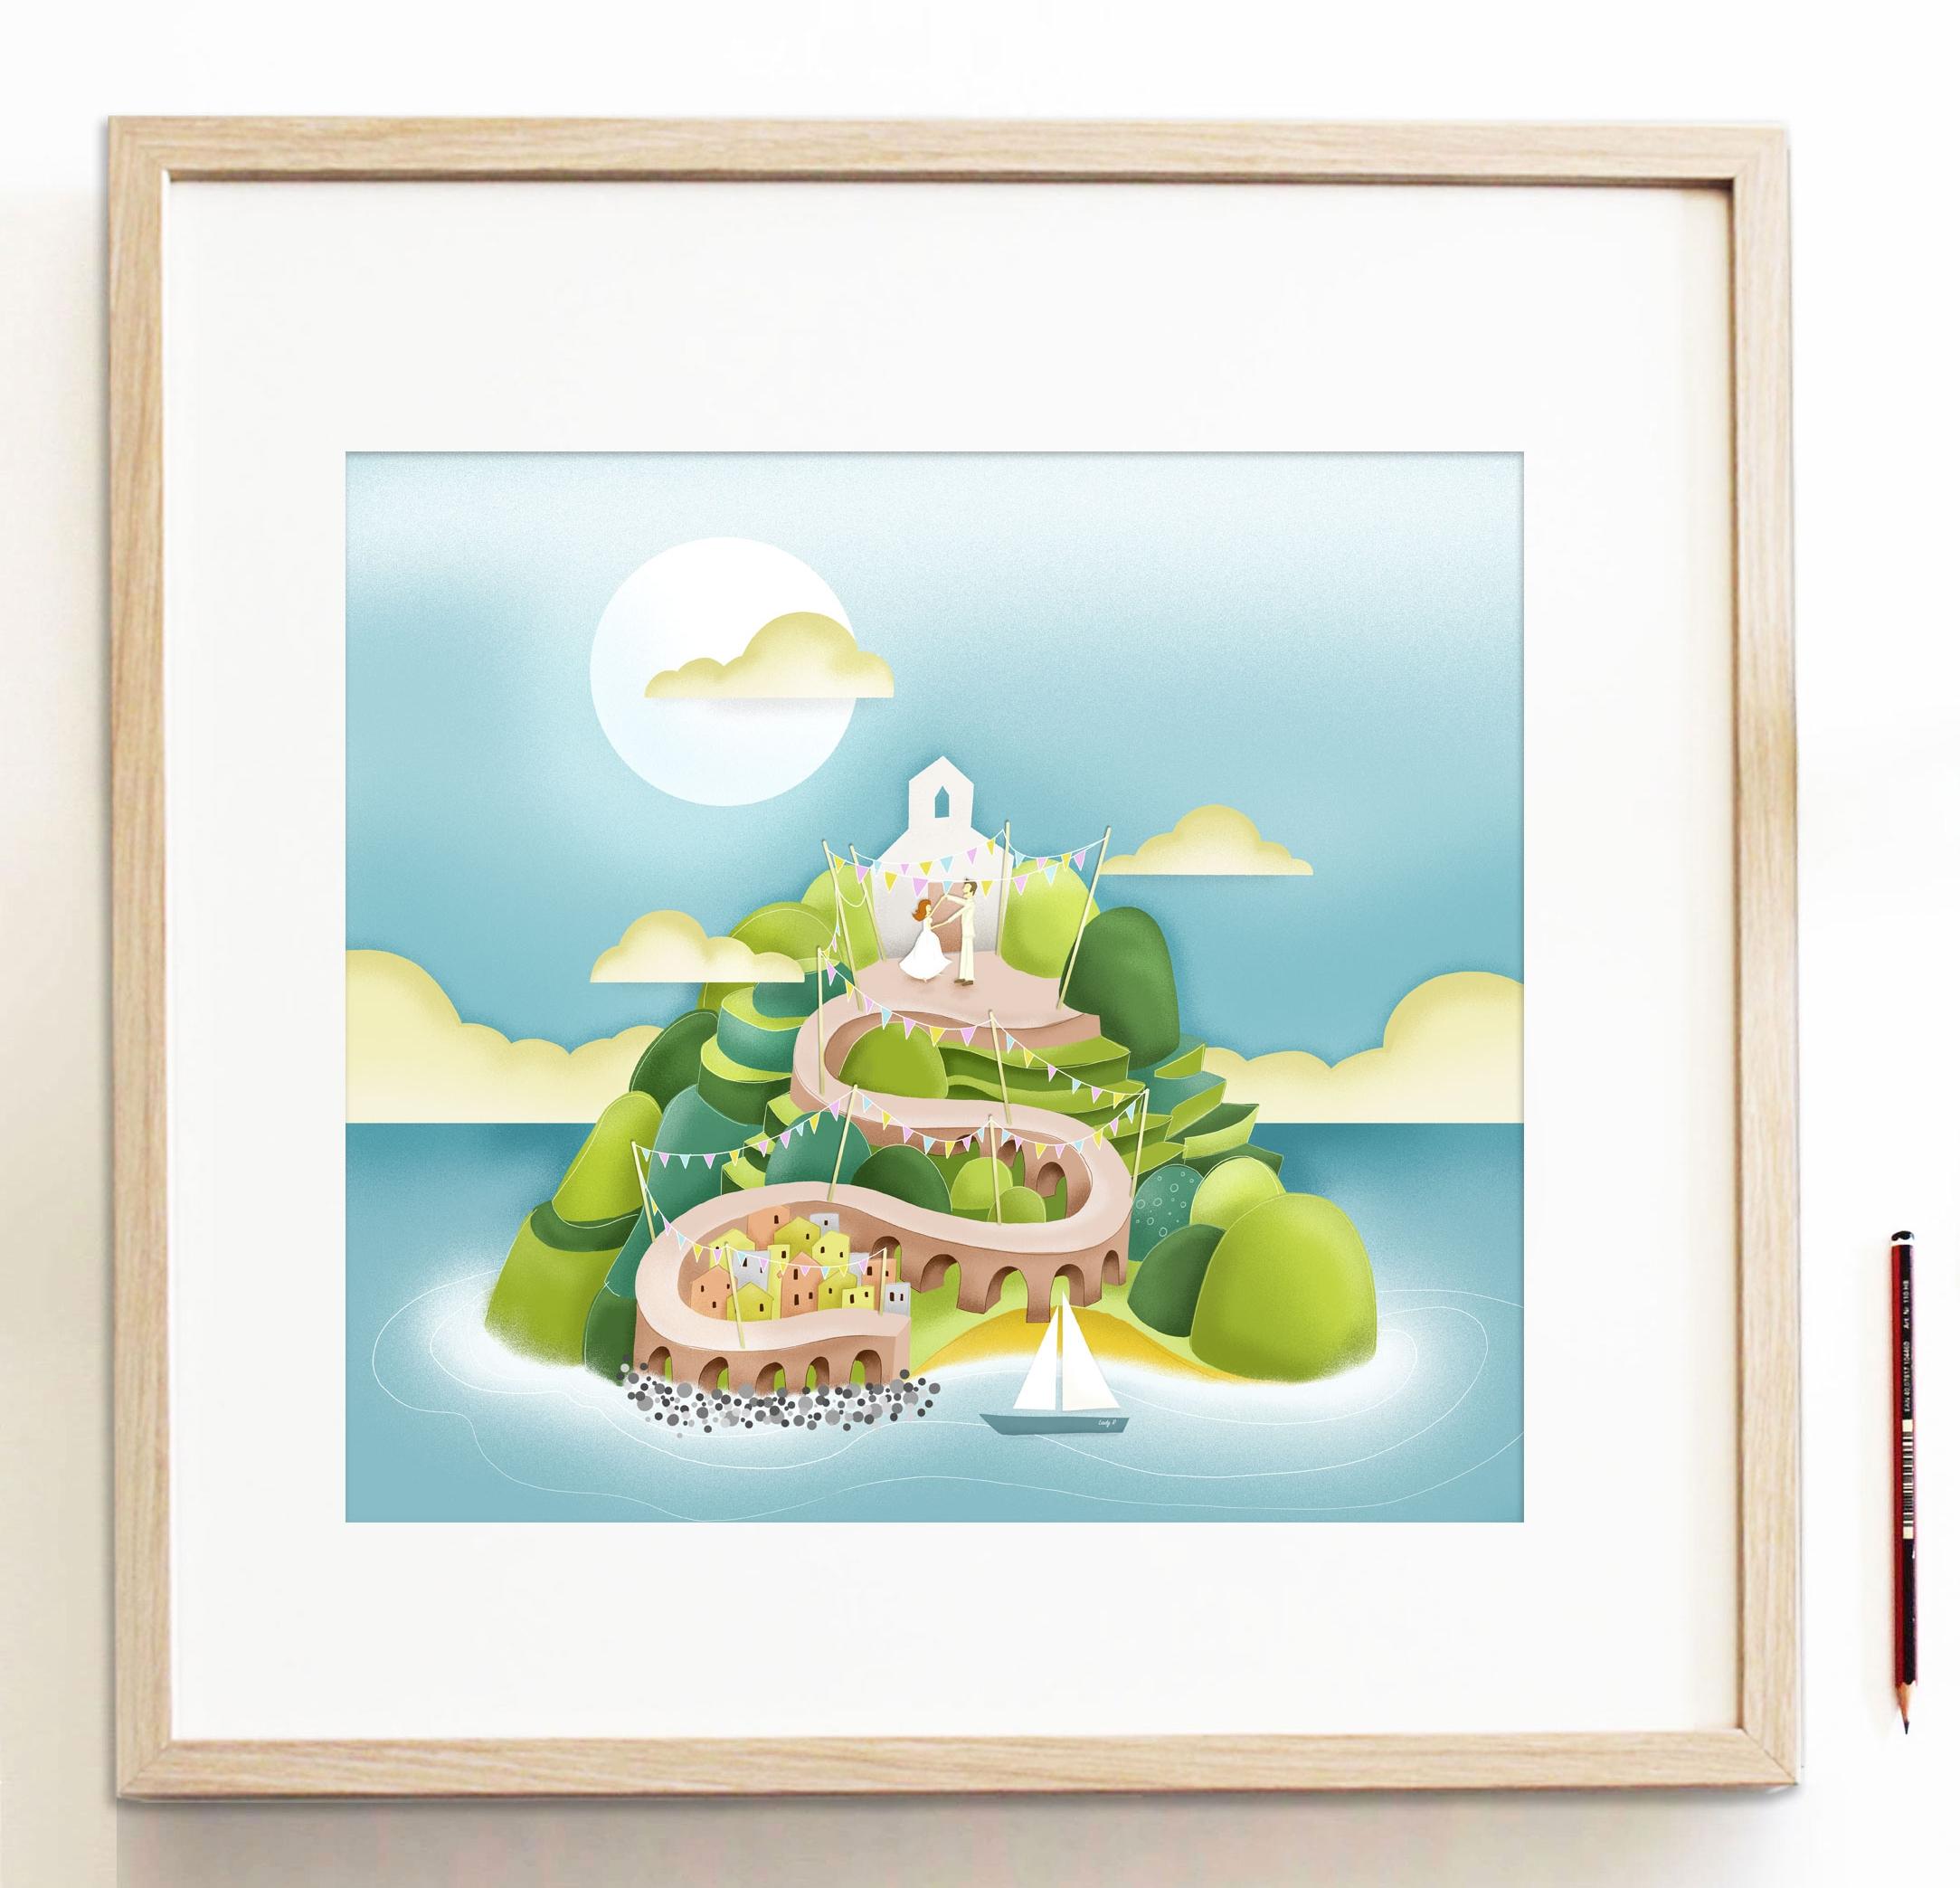 Reddin-designs-itialian-wedding-framed-illustration.jpg